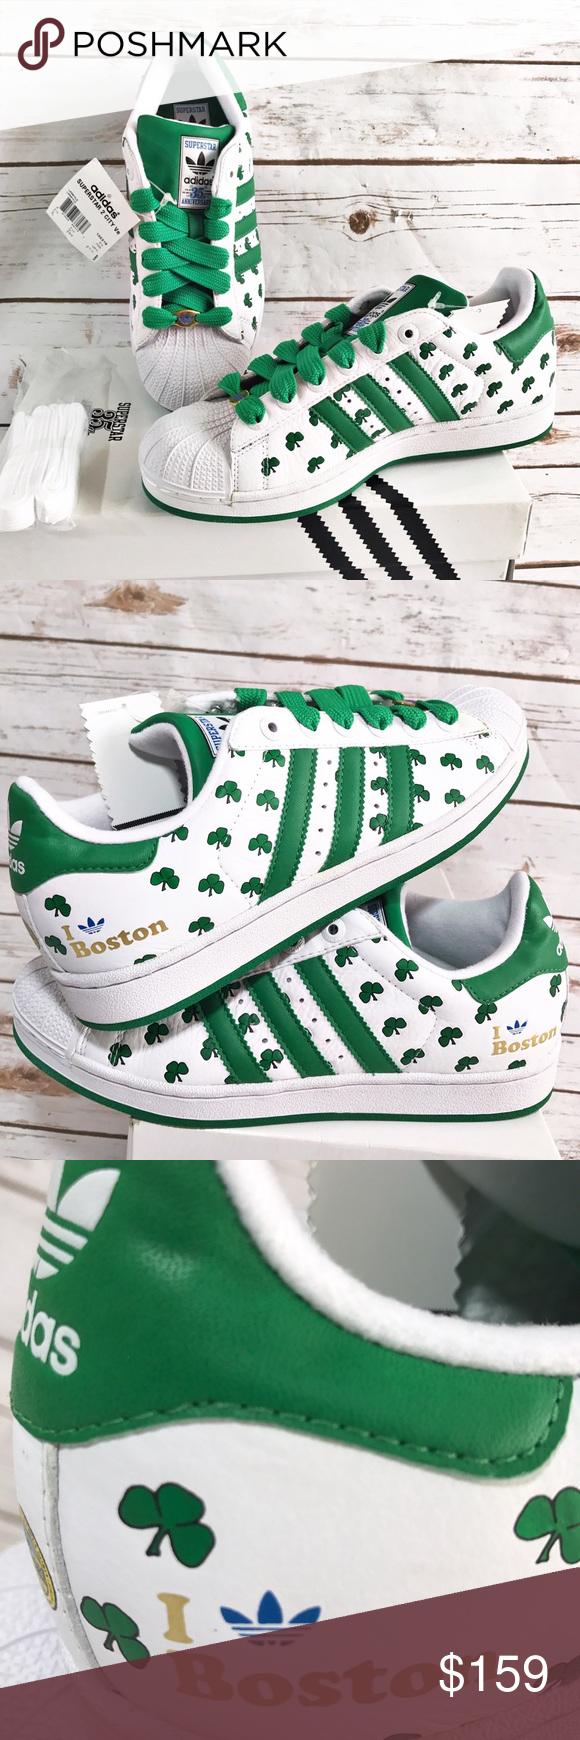 Adidas Superstar 2 Ciudad Boston 35 aniversario adidas superstar